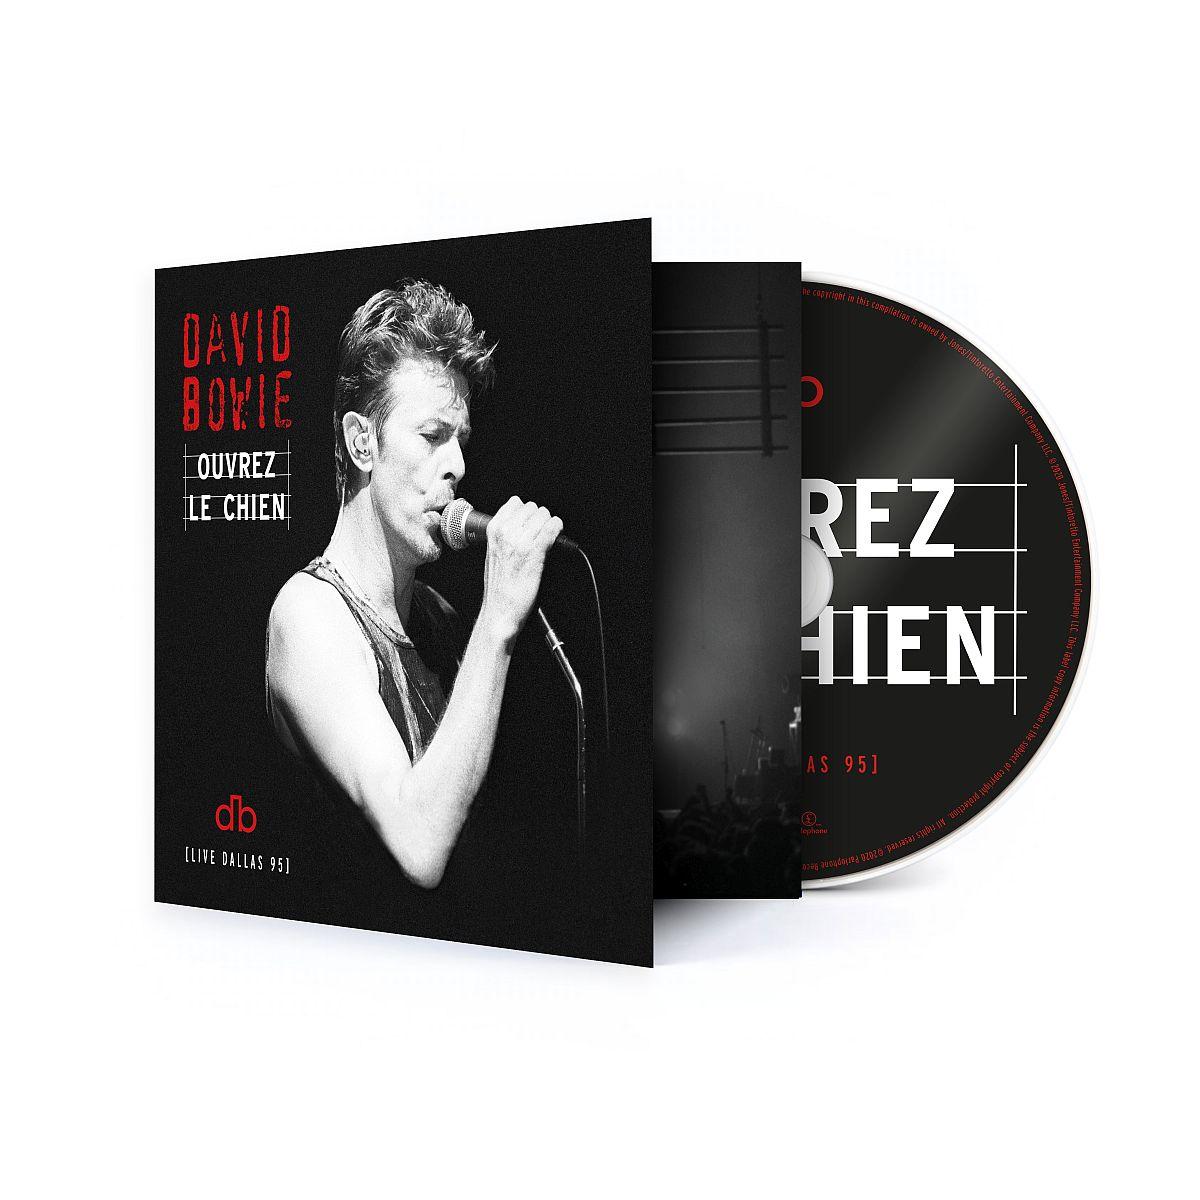 Ouvrez Le Chien (Live Dallas 95) CD